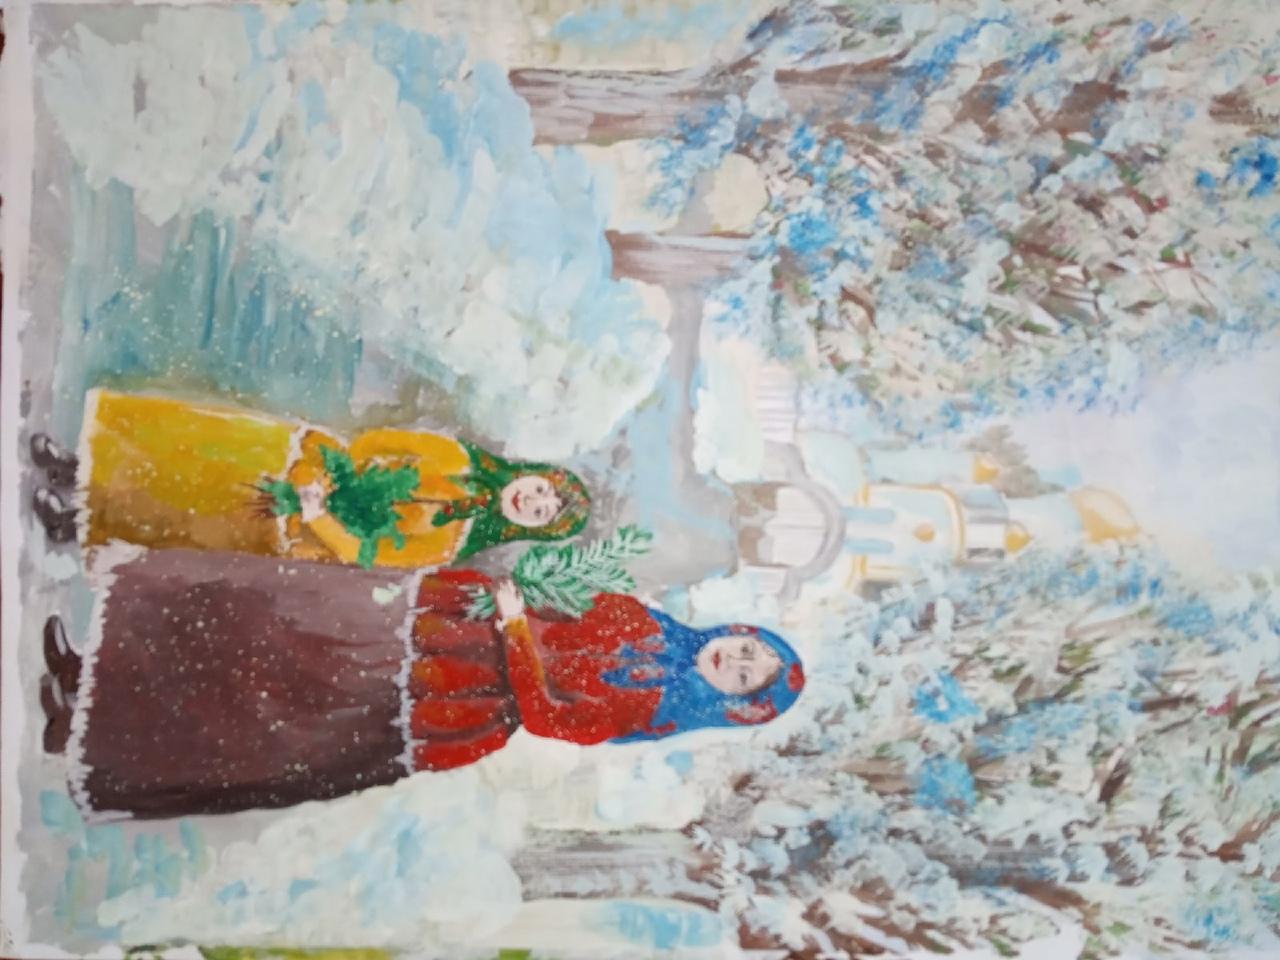 Самарцева Валерия 15 лет